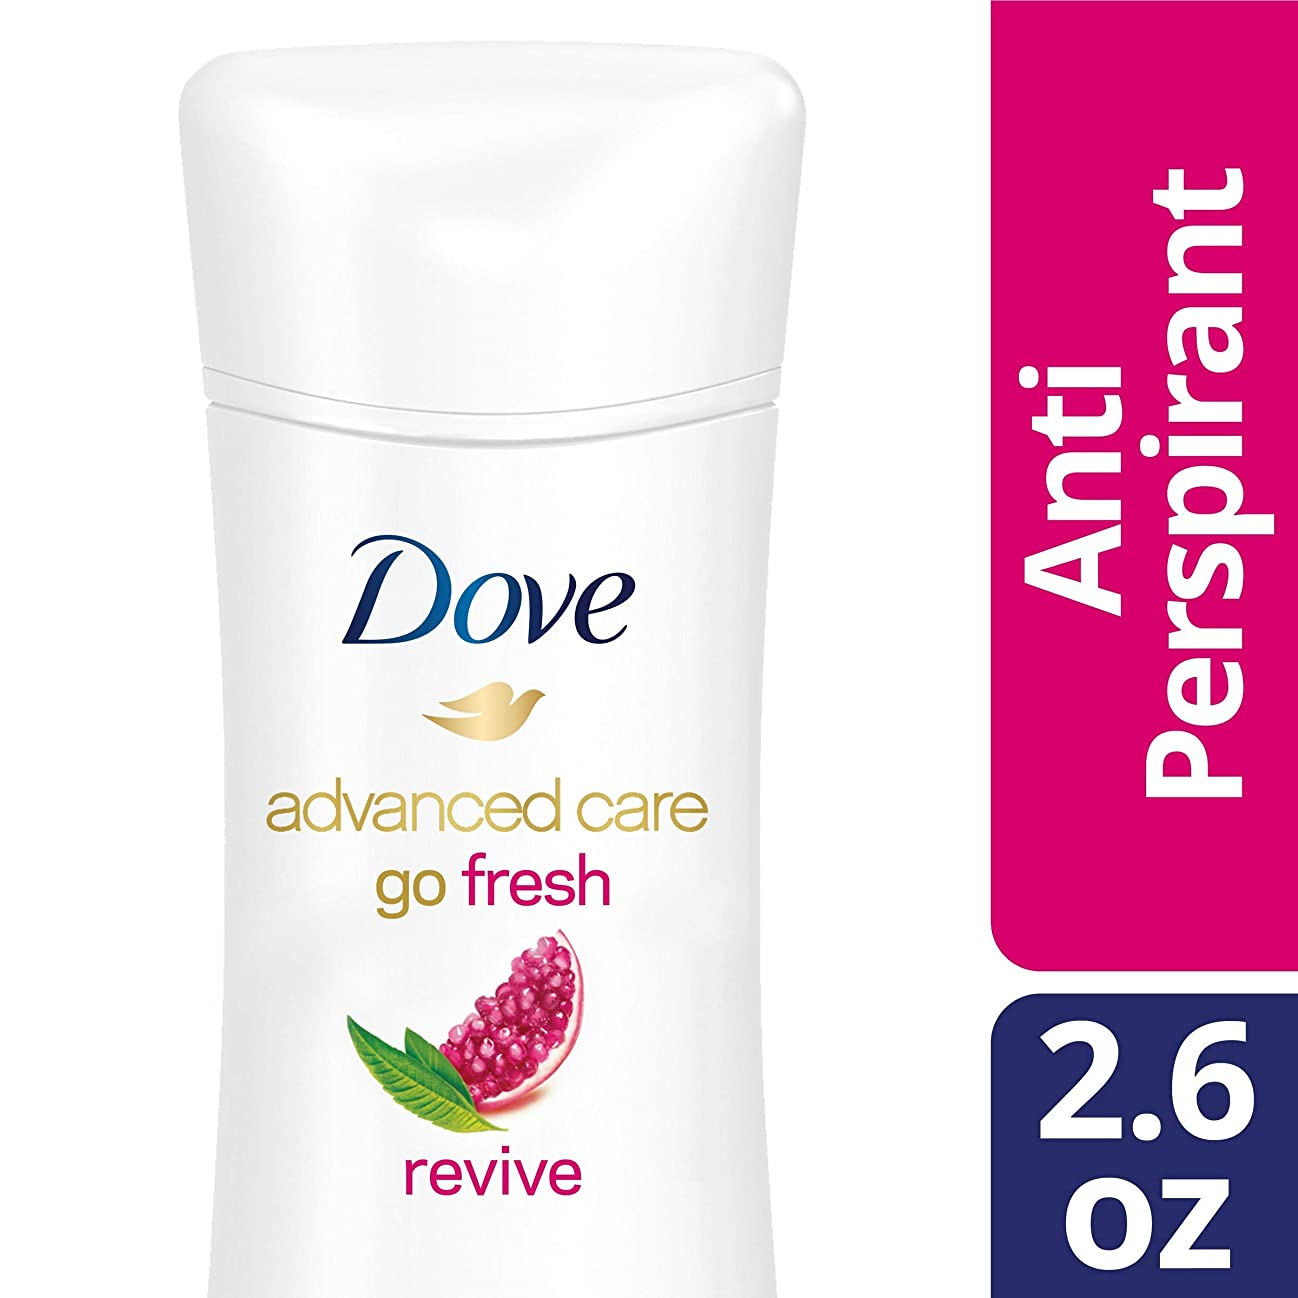 Dove Advanced Care Antiperspirant Deodorant, Revive, 2.6 oz wfjek526593